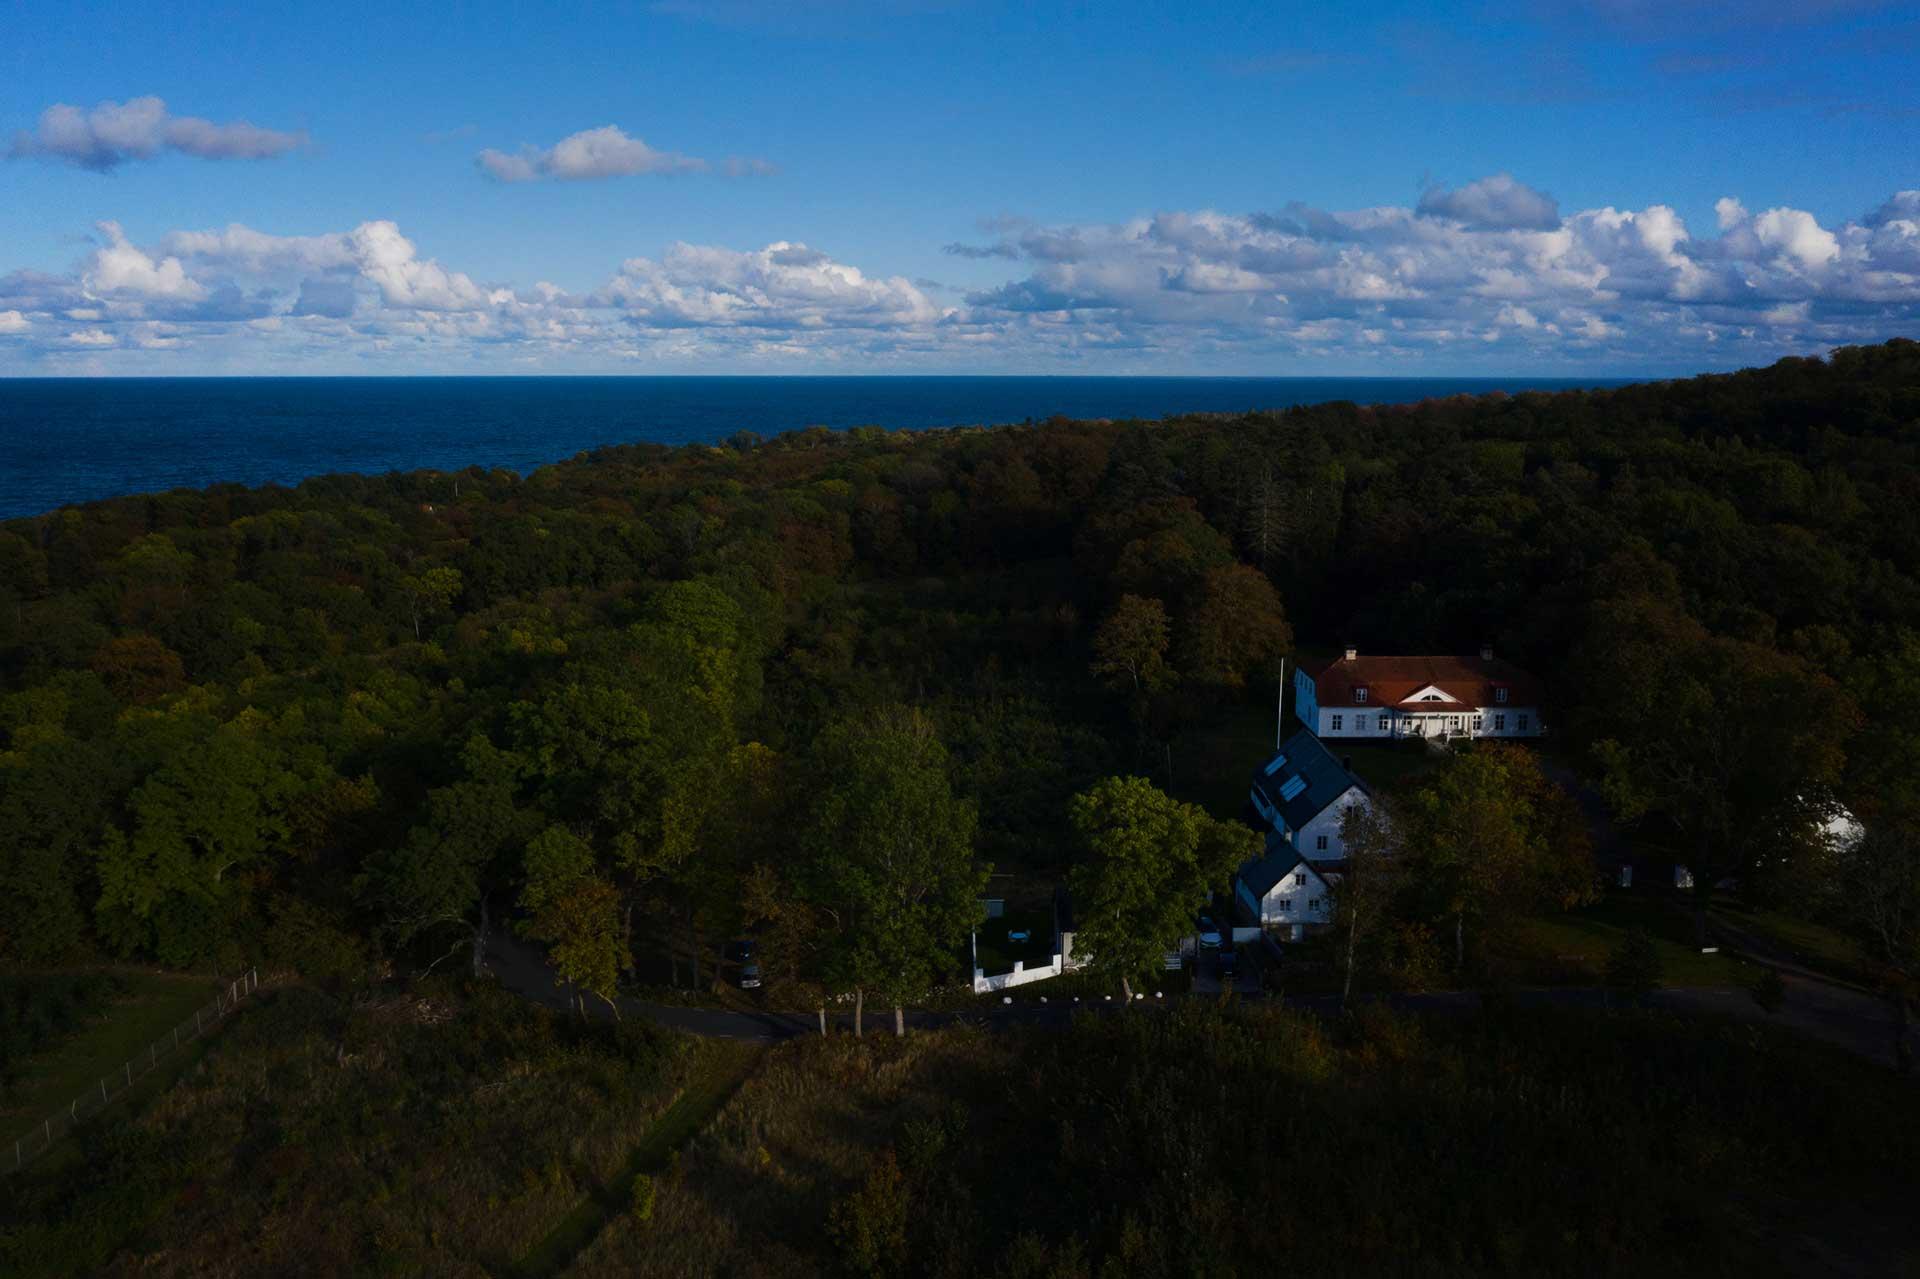 drönarpilot  Drönarbild över Kiviksgård i Skåne